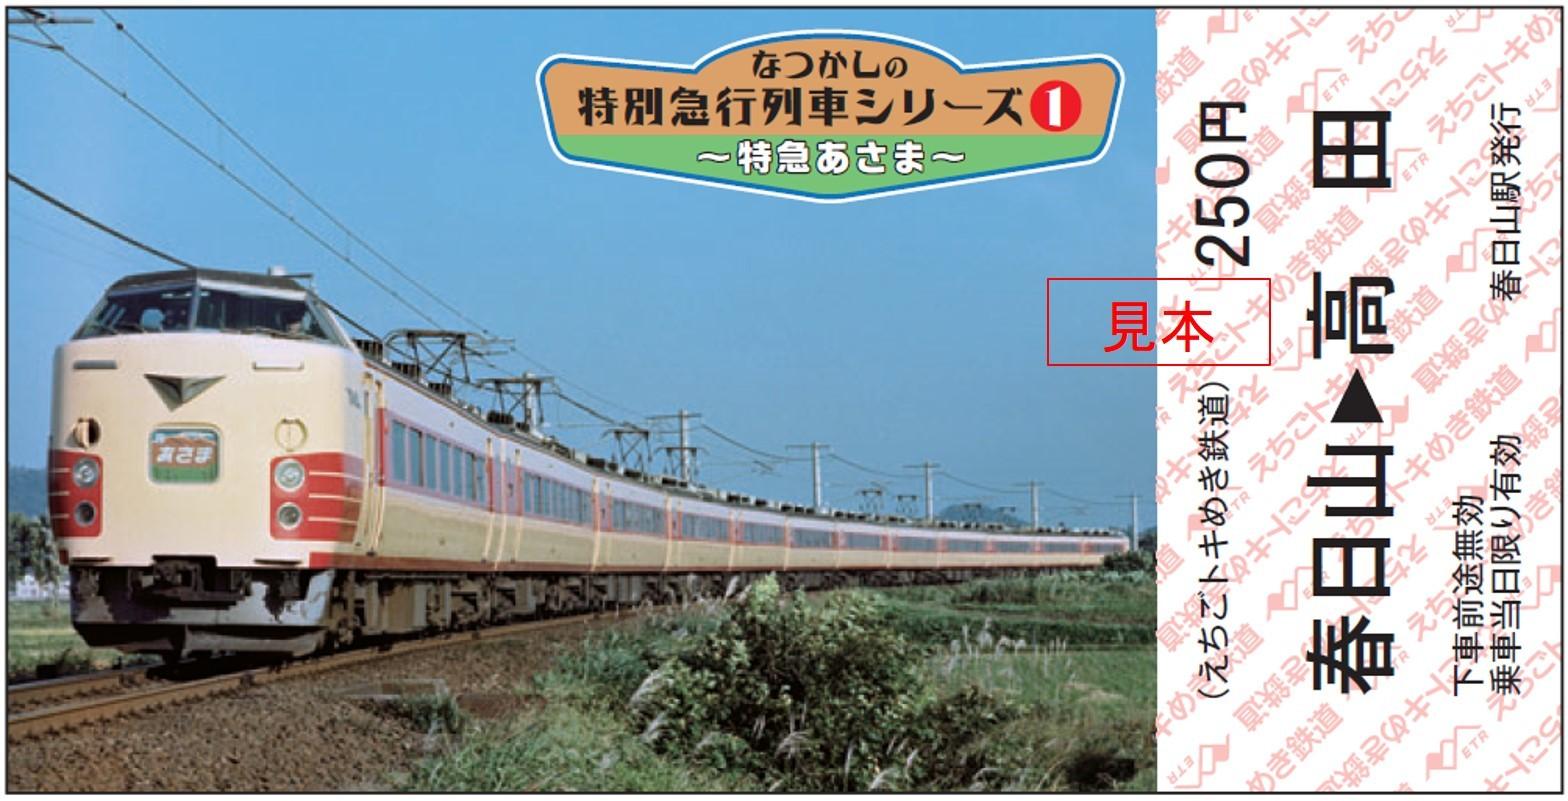 なつかしの特別急行列車記念乗車券(イメージ)